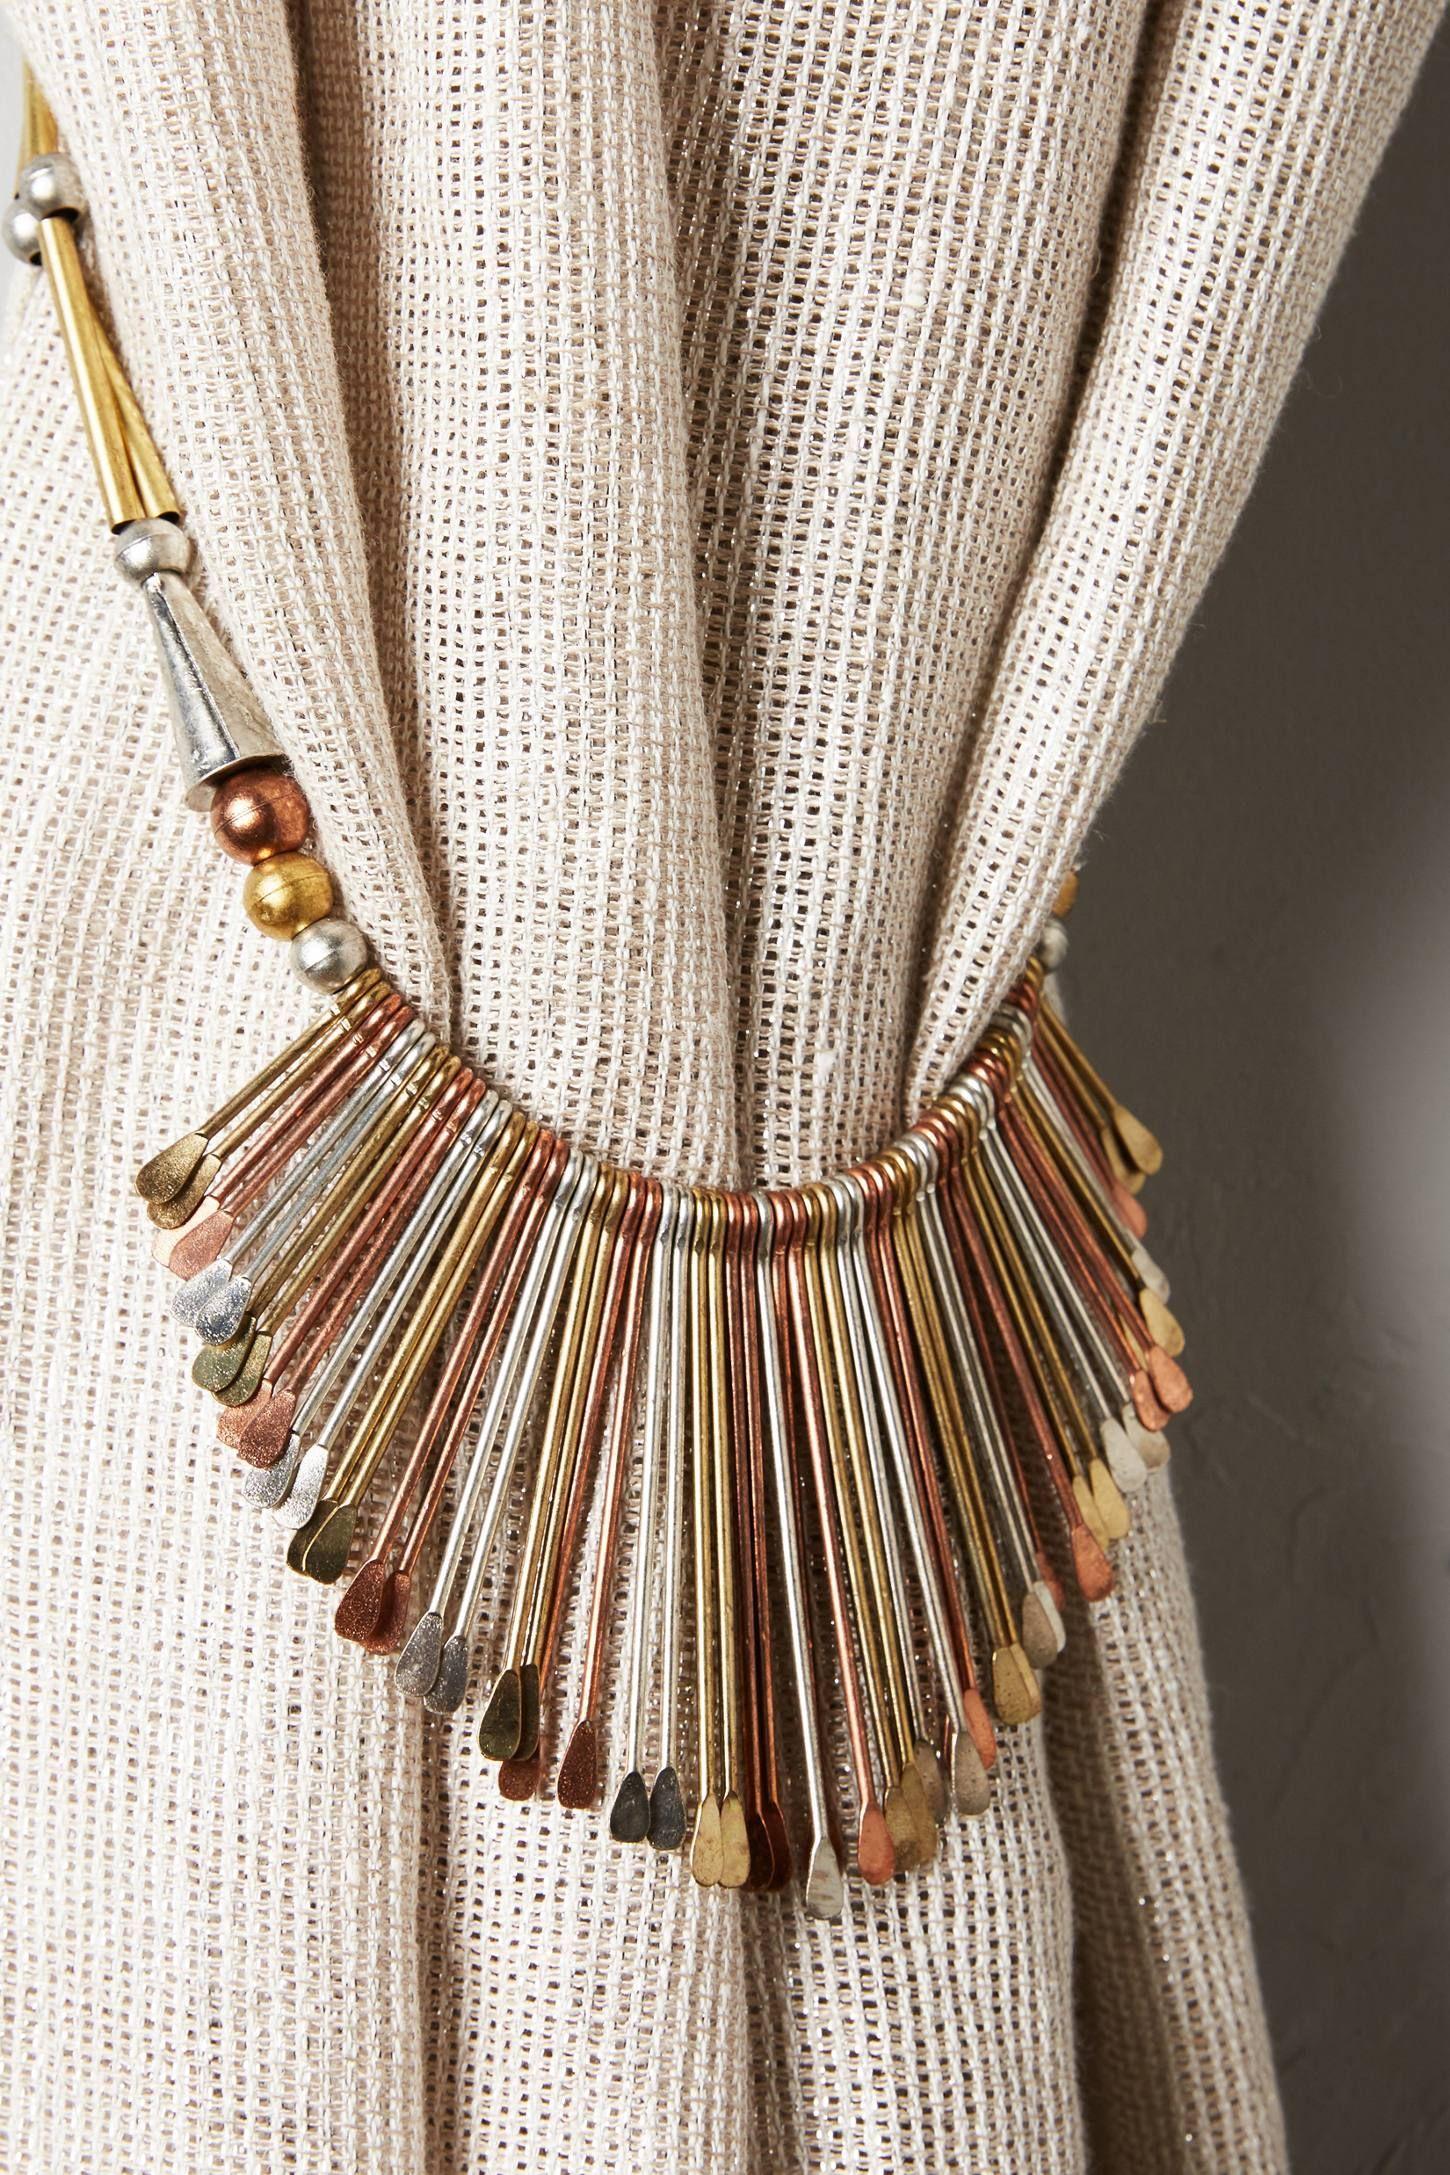 Diadem Finials Tieback Fabric Decor Home Curtains